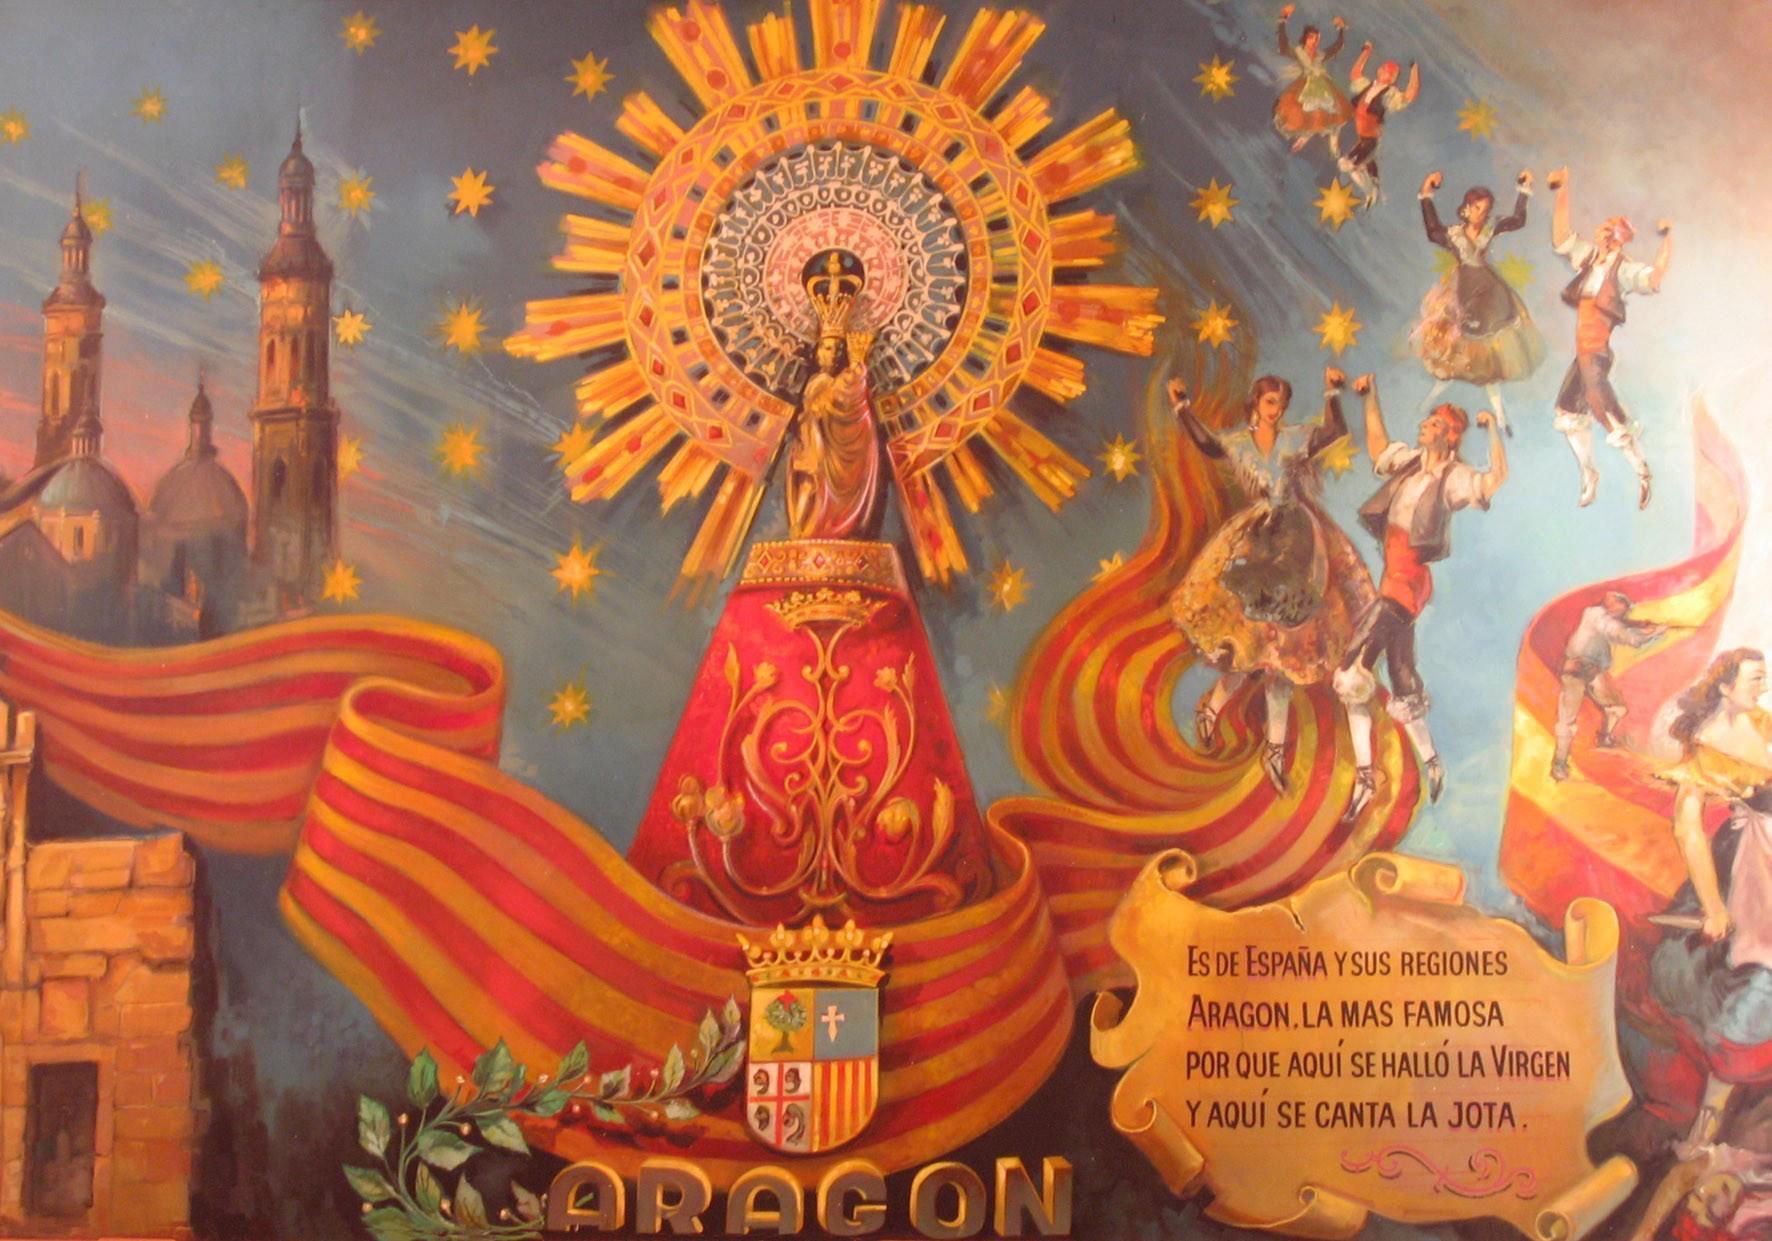 UNIÓN ARAGONESA DEL MAR DEL PLATA